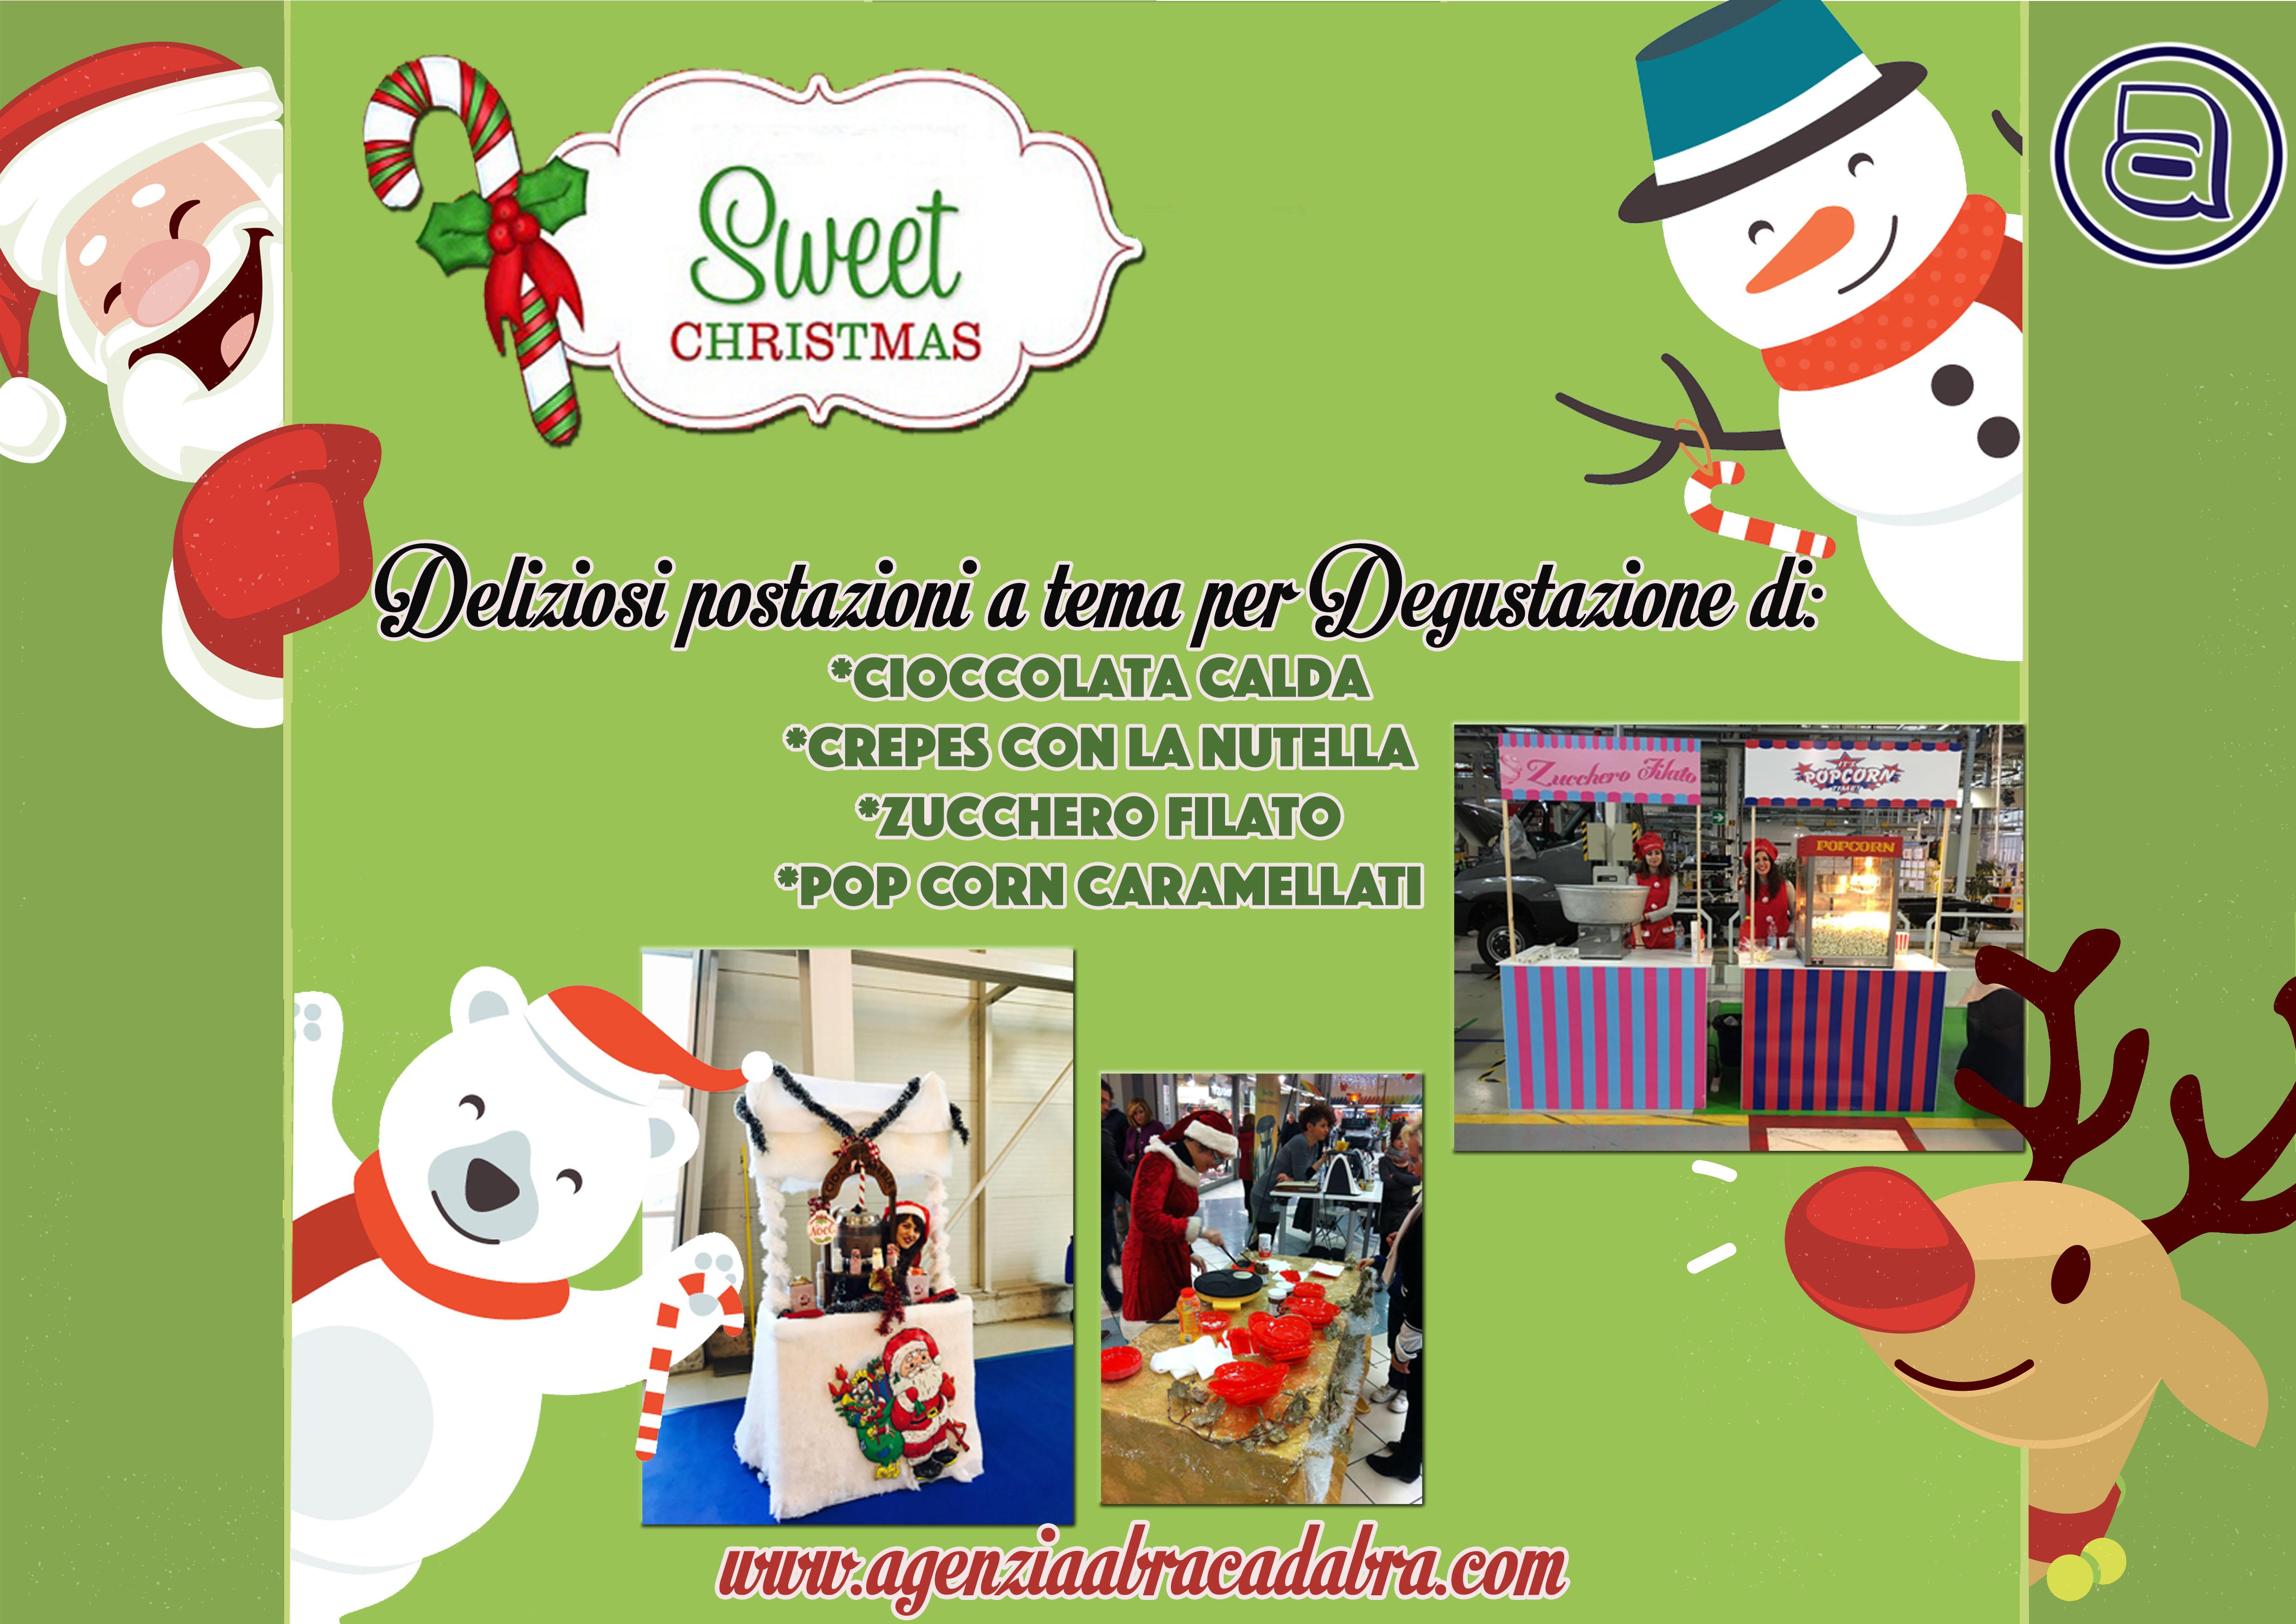 13-sweetchristmas